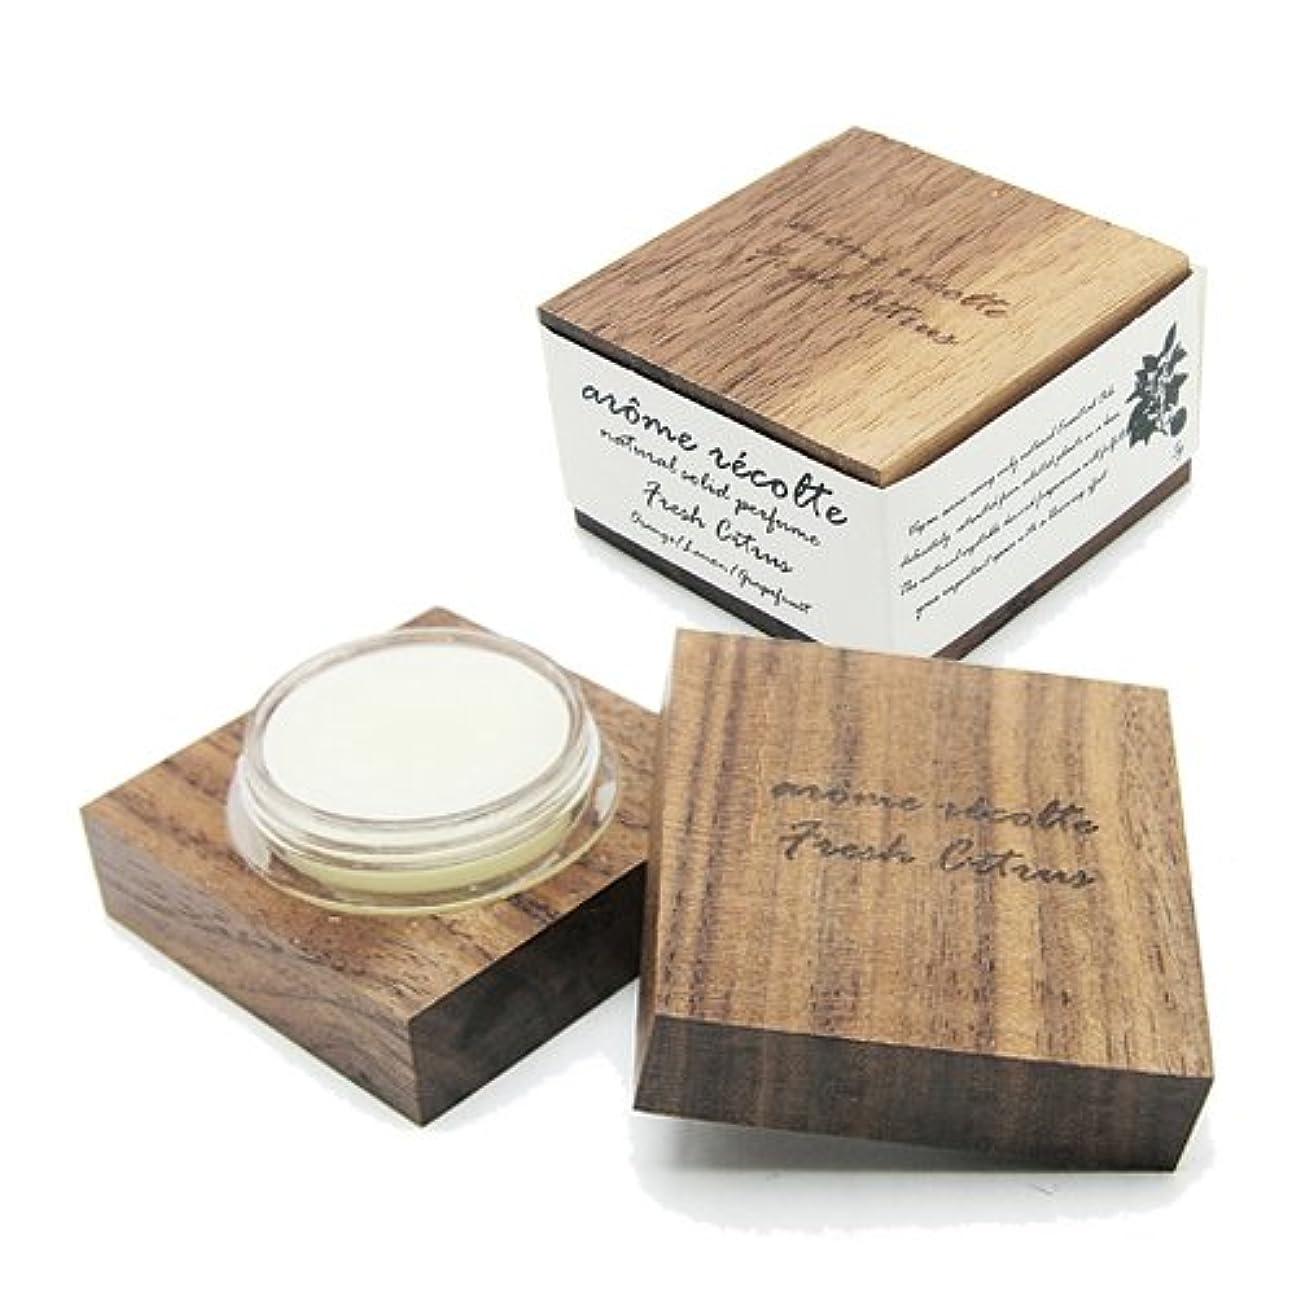 開発リンススイアロマレコルト ナチュラル ソリッドパフューム フレッシュシトラス Fresh Citurs arome recolte 練り香水